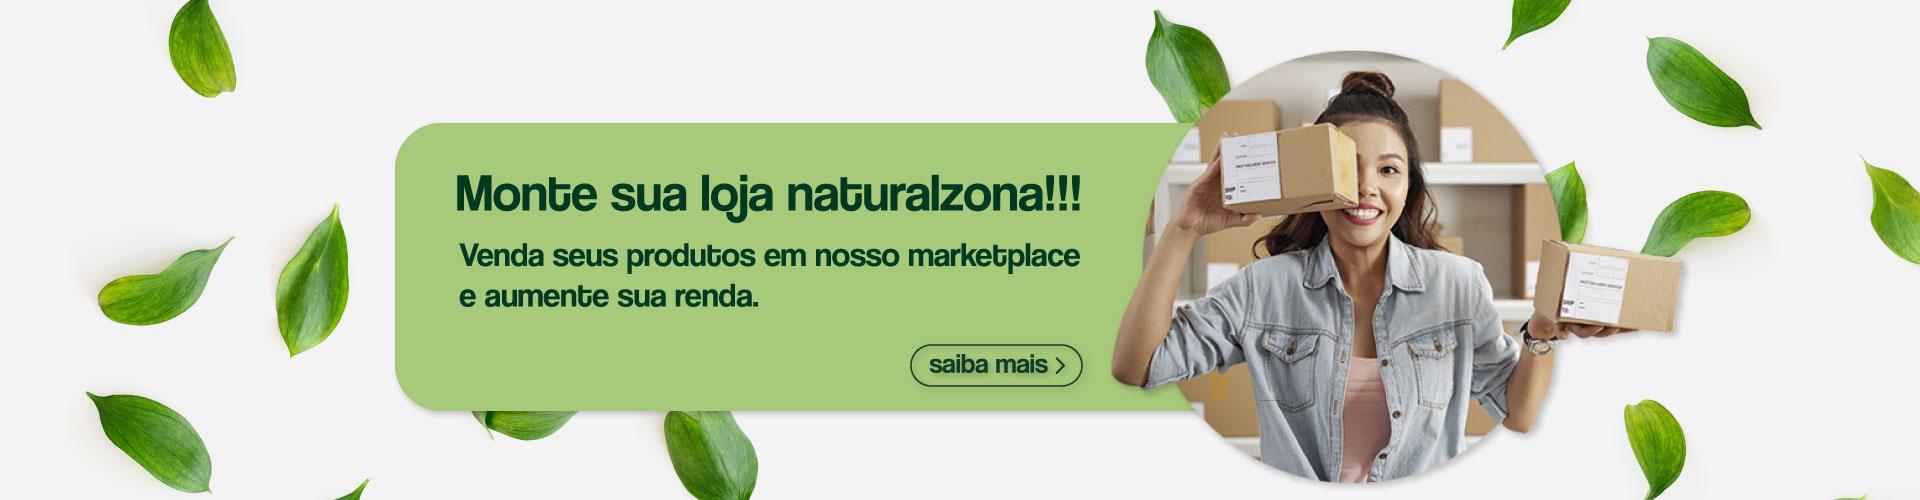 Monte sua loja naturalzona!!! Venda seus produtos em nosso marketplace e aumente sua renda - Saiba mais